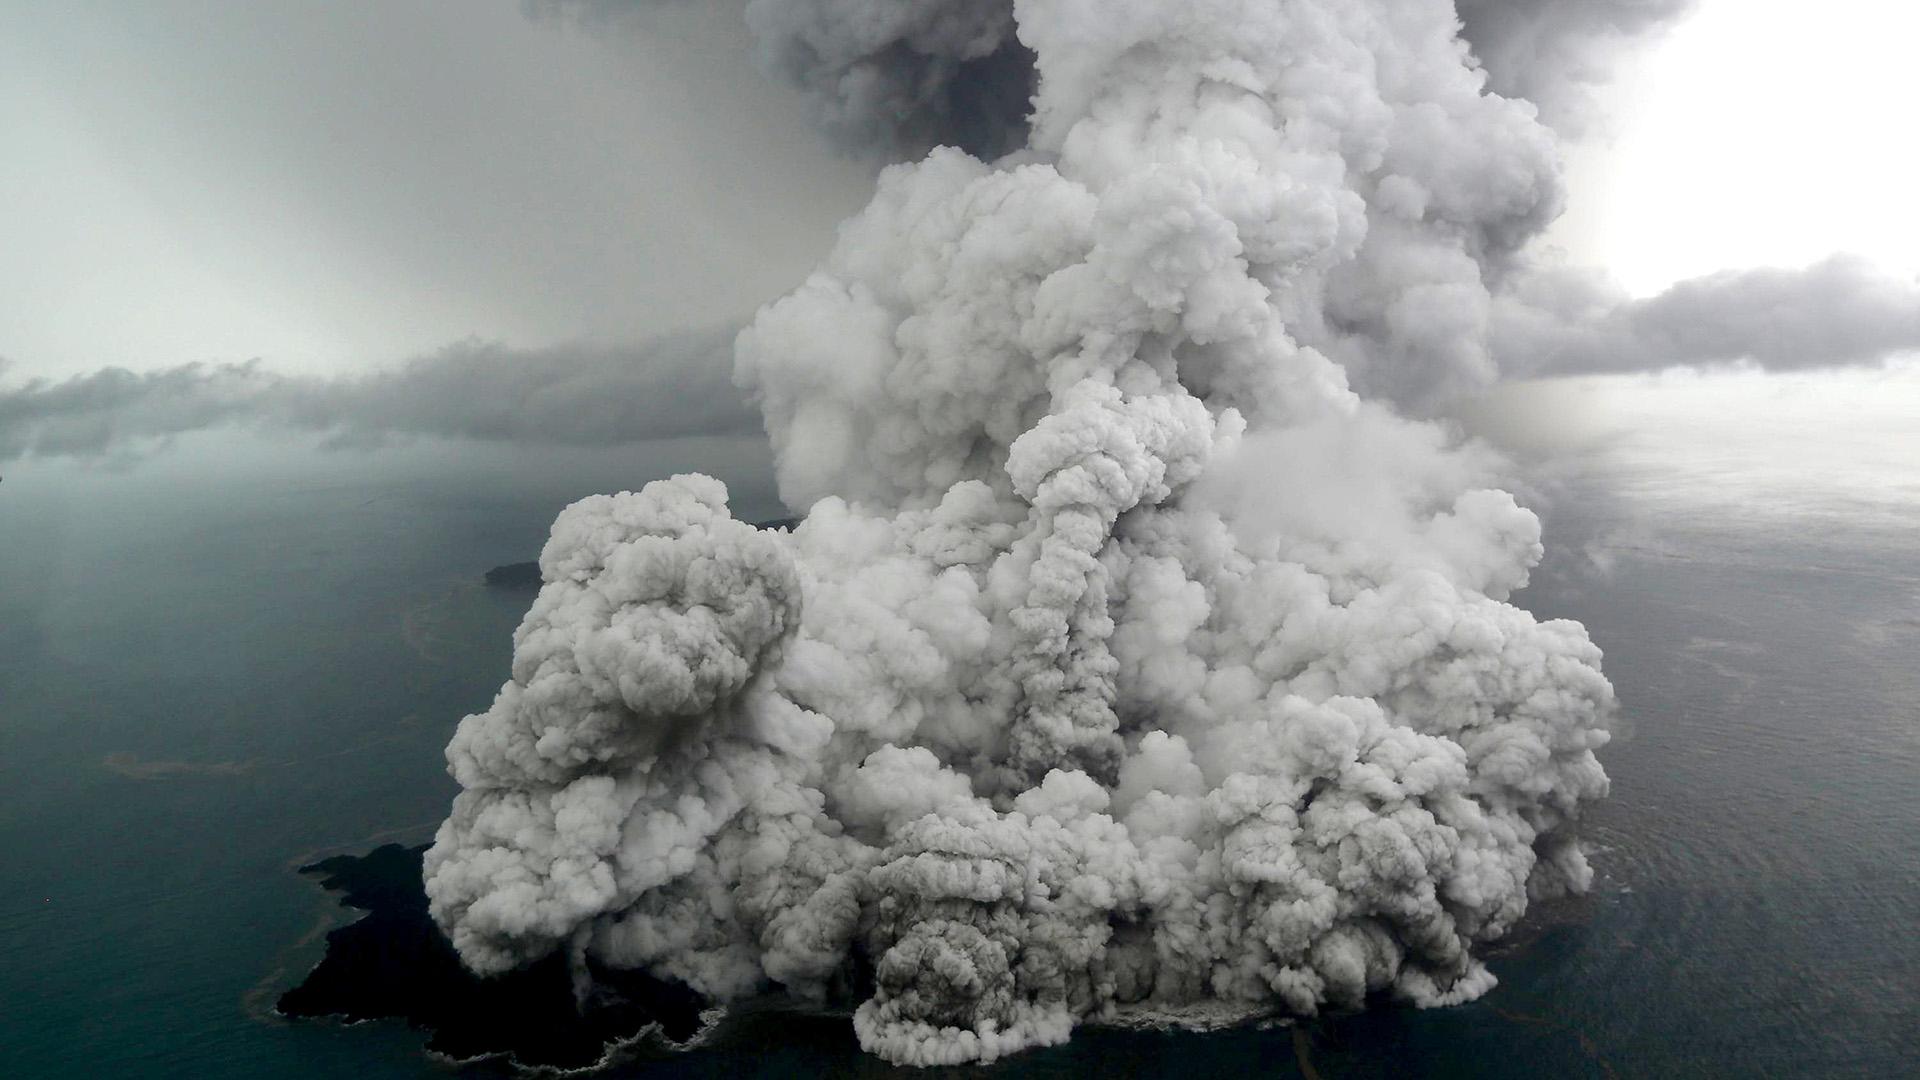 El tsunami generó más de 400 muertos en Indonesia(Nurul HIDAYAT / BISNIS INDONESIA / AFP)